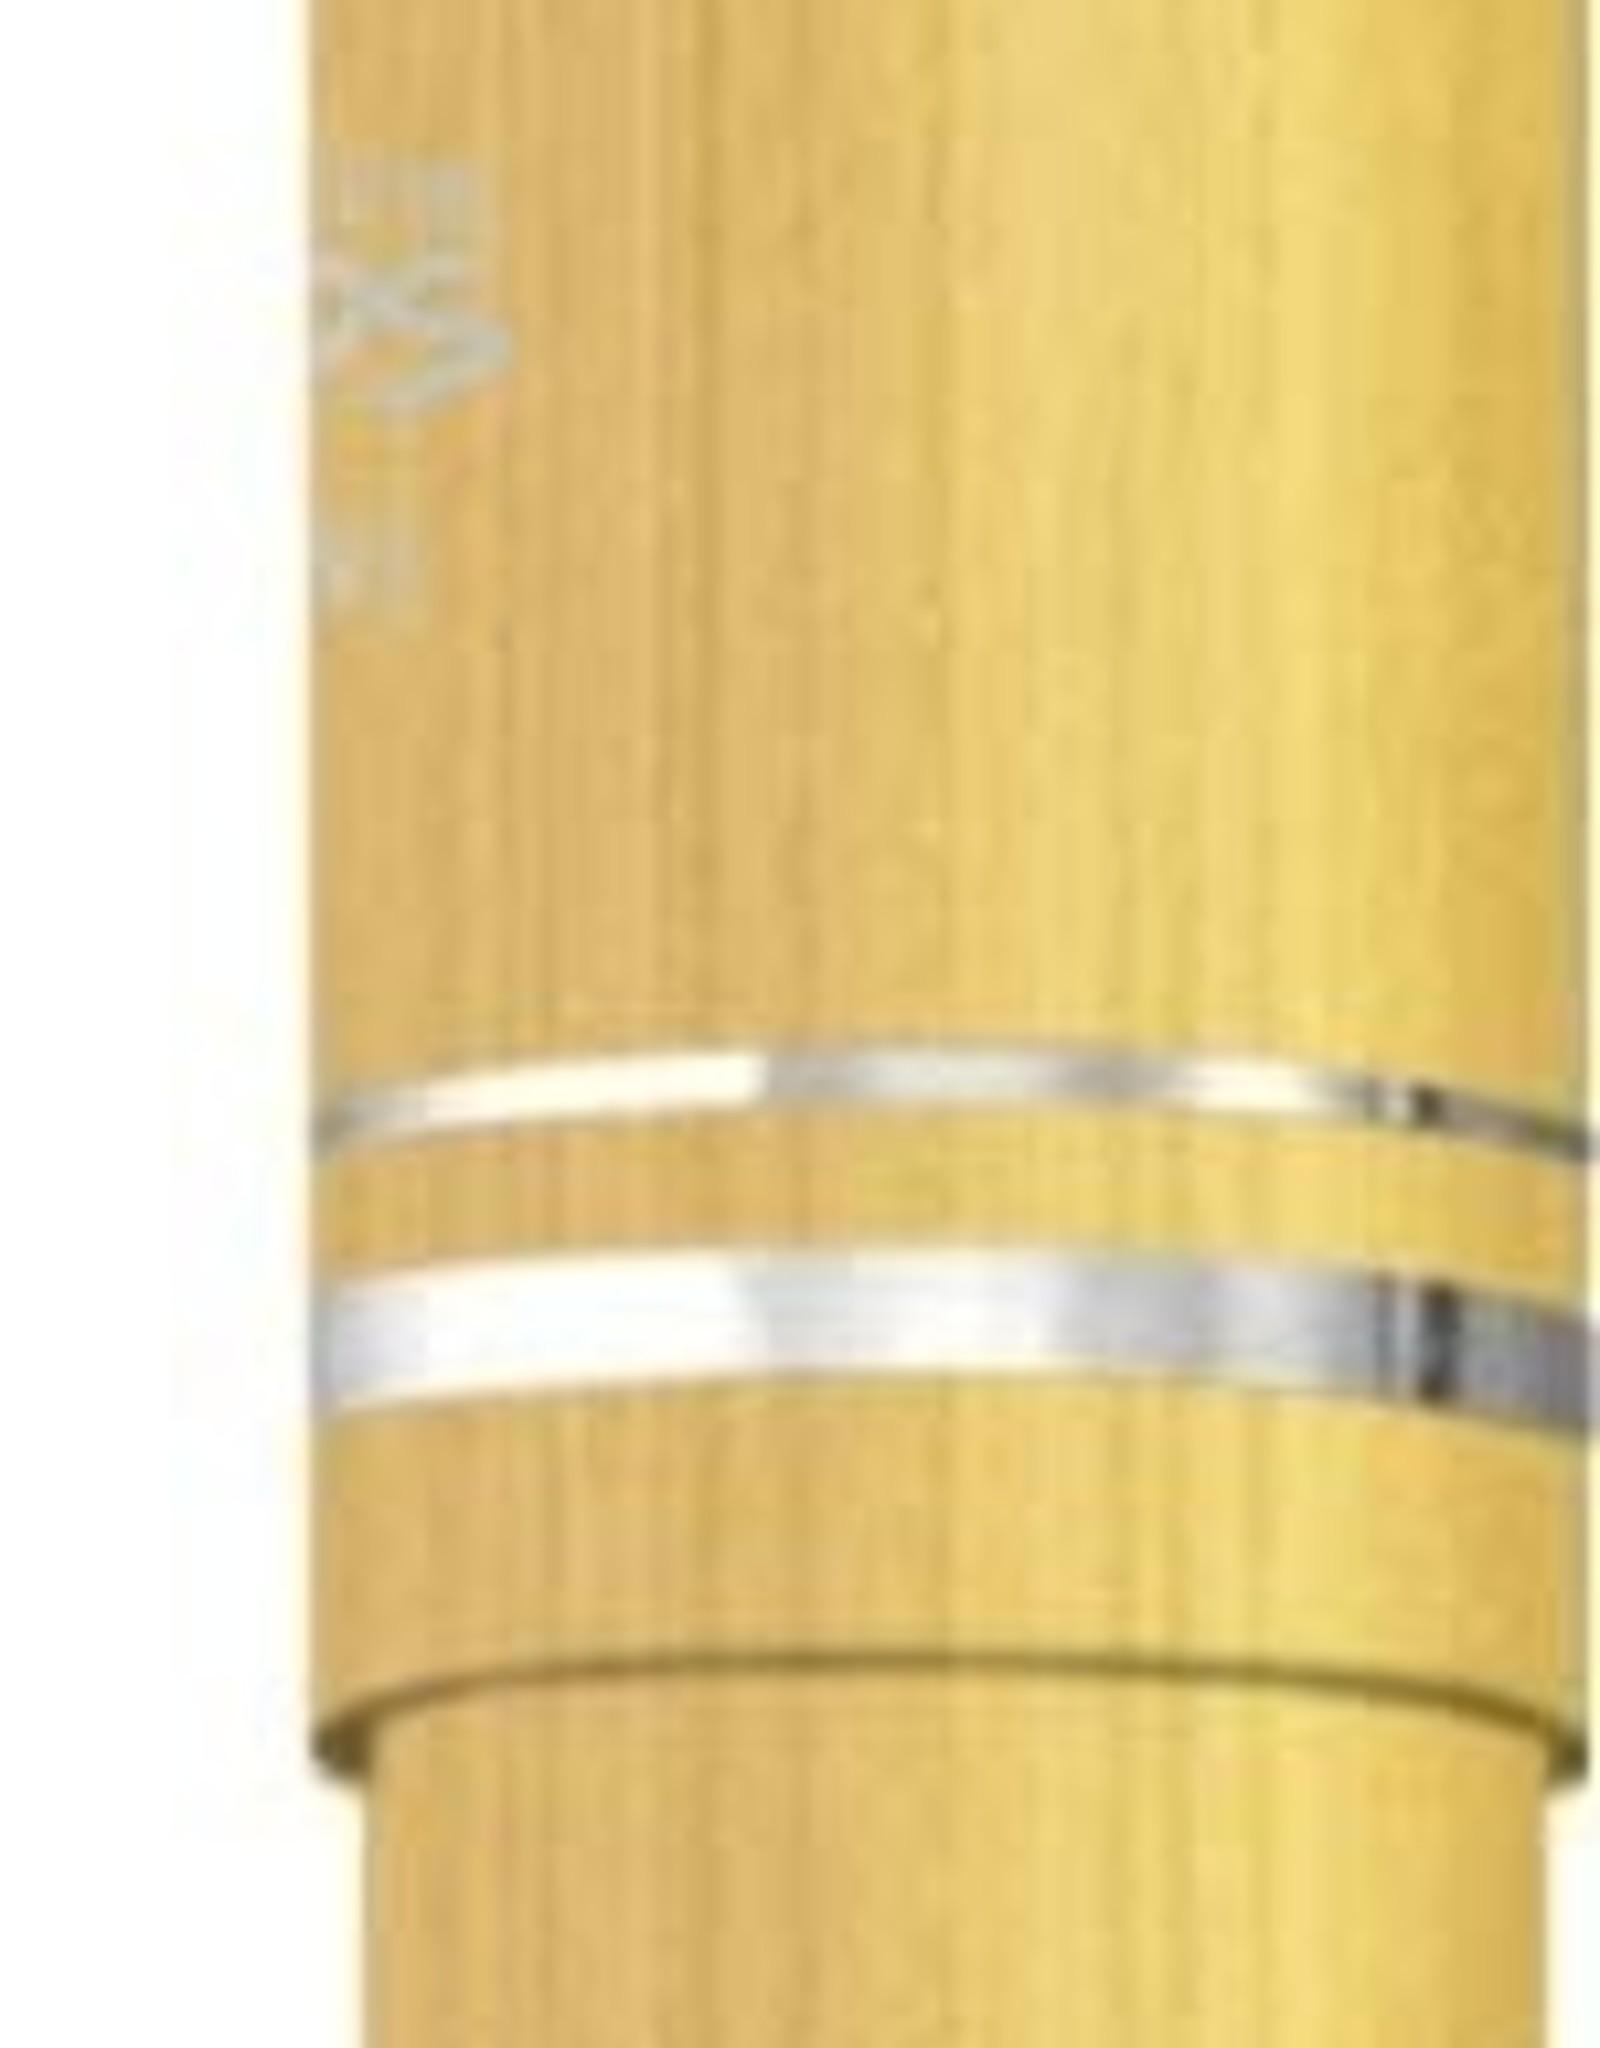 IWIC IWI Cosmos Fountain Pen EF